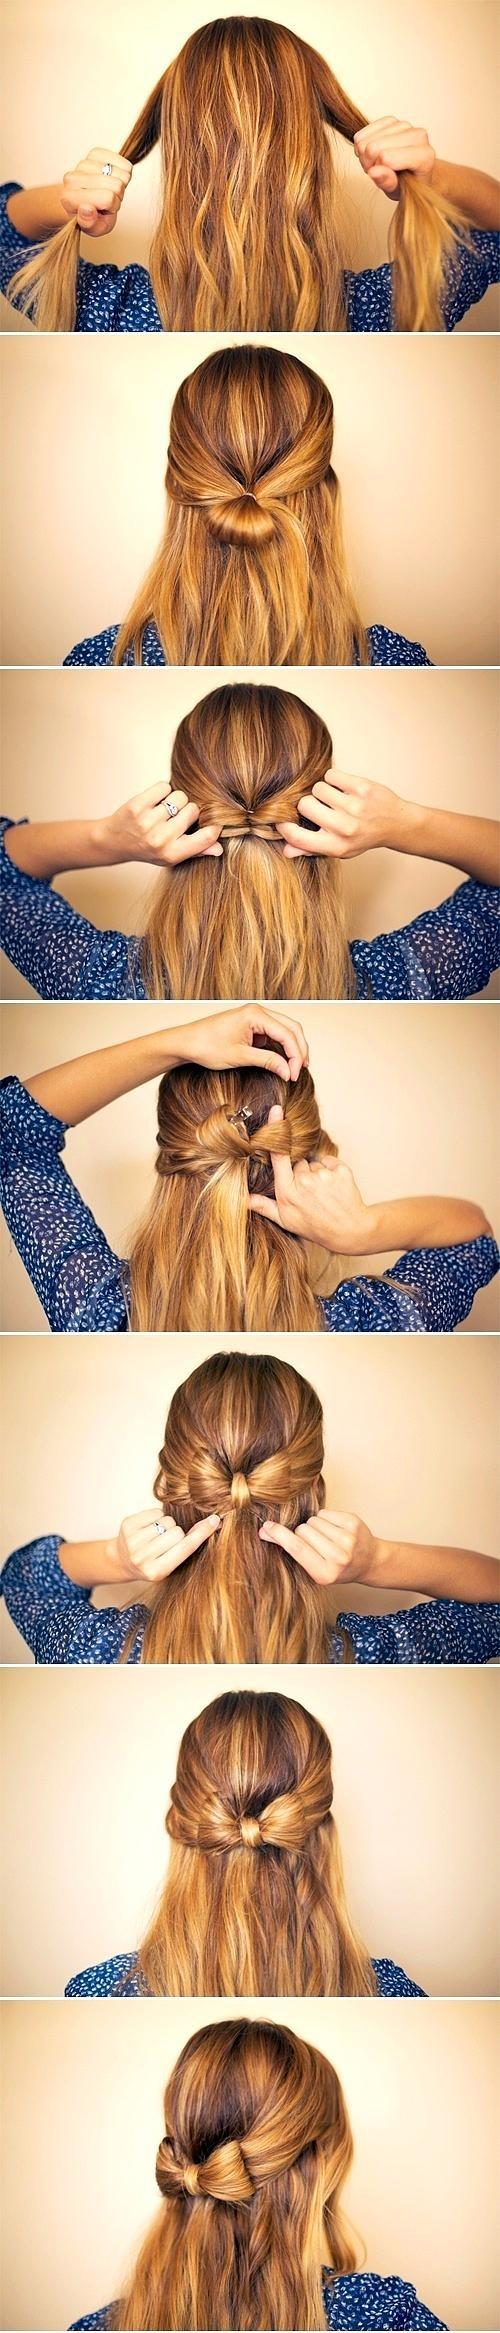 Yılbaşı Gecesi İçin 24 Pratik Saç Modeli - onedio.com